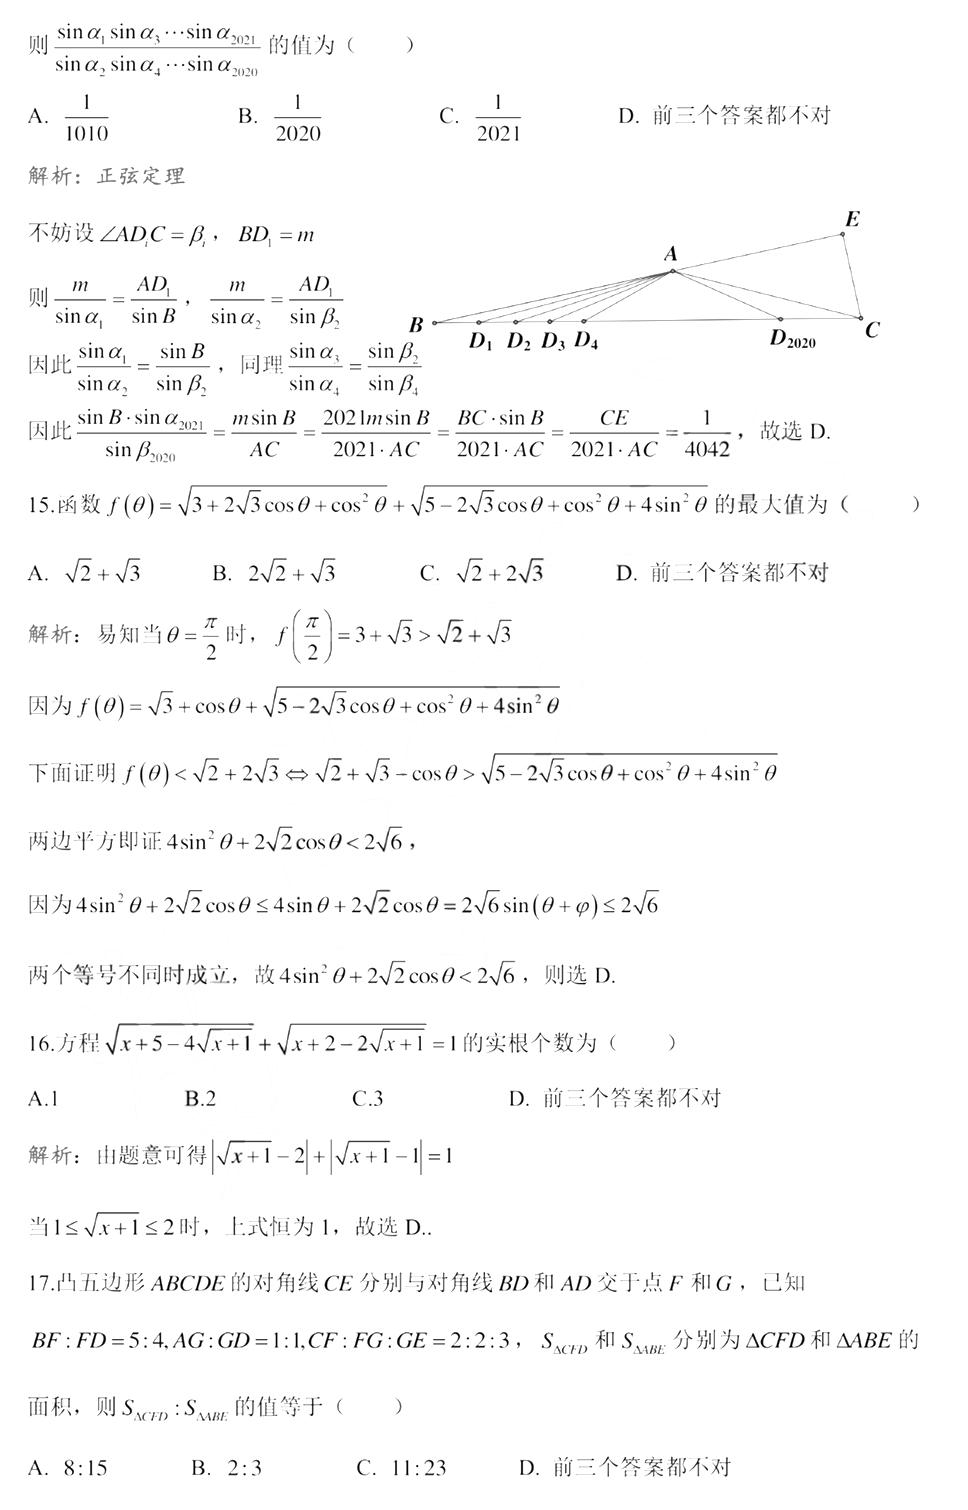 北京大学2020年强基计划数学试题参考答案(完整版)